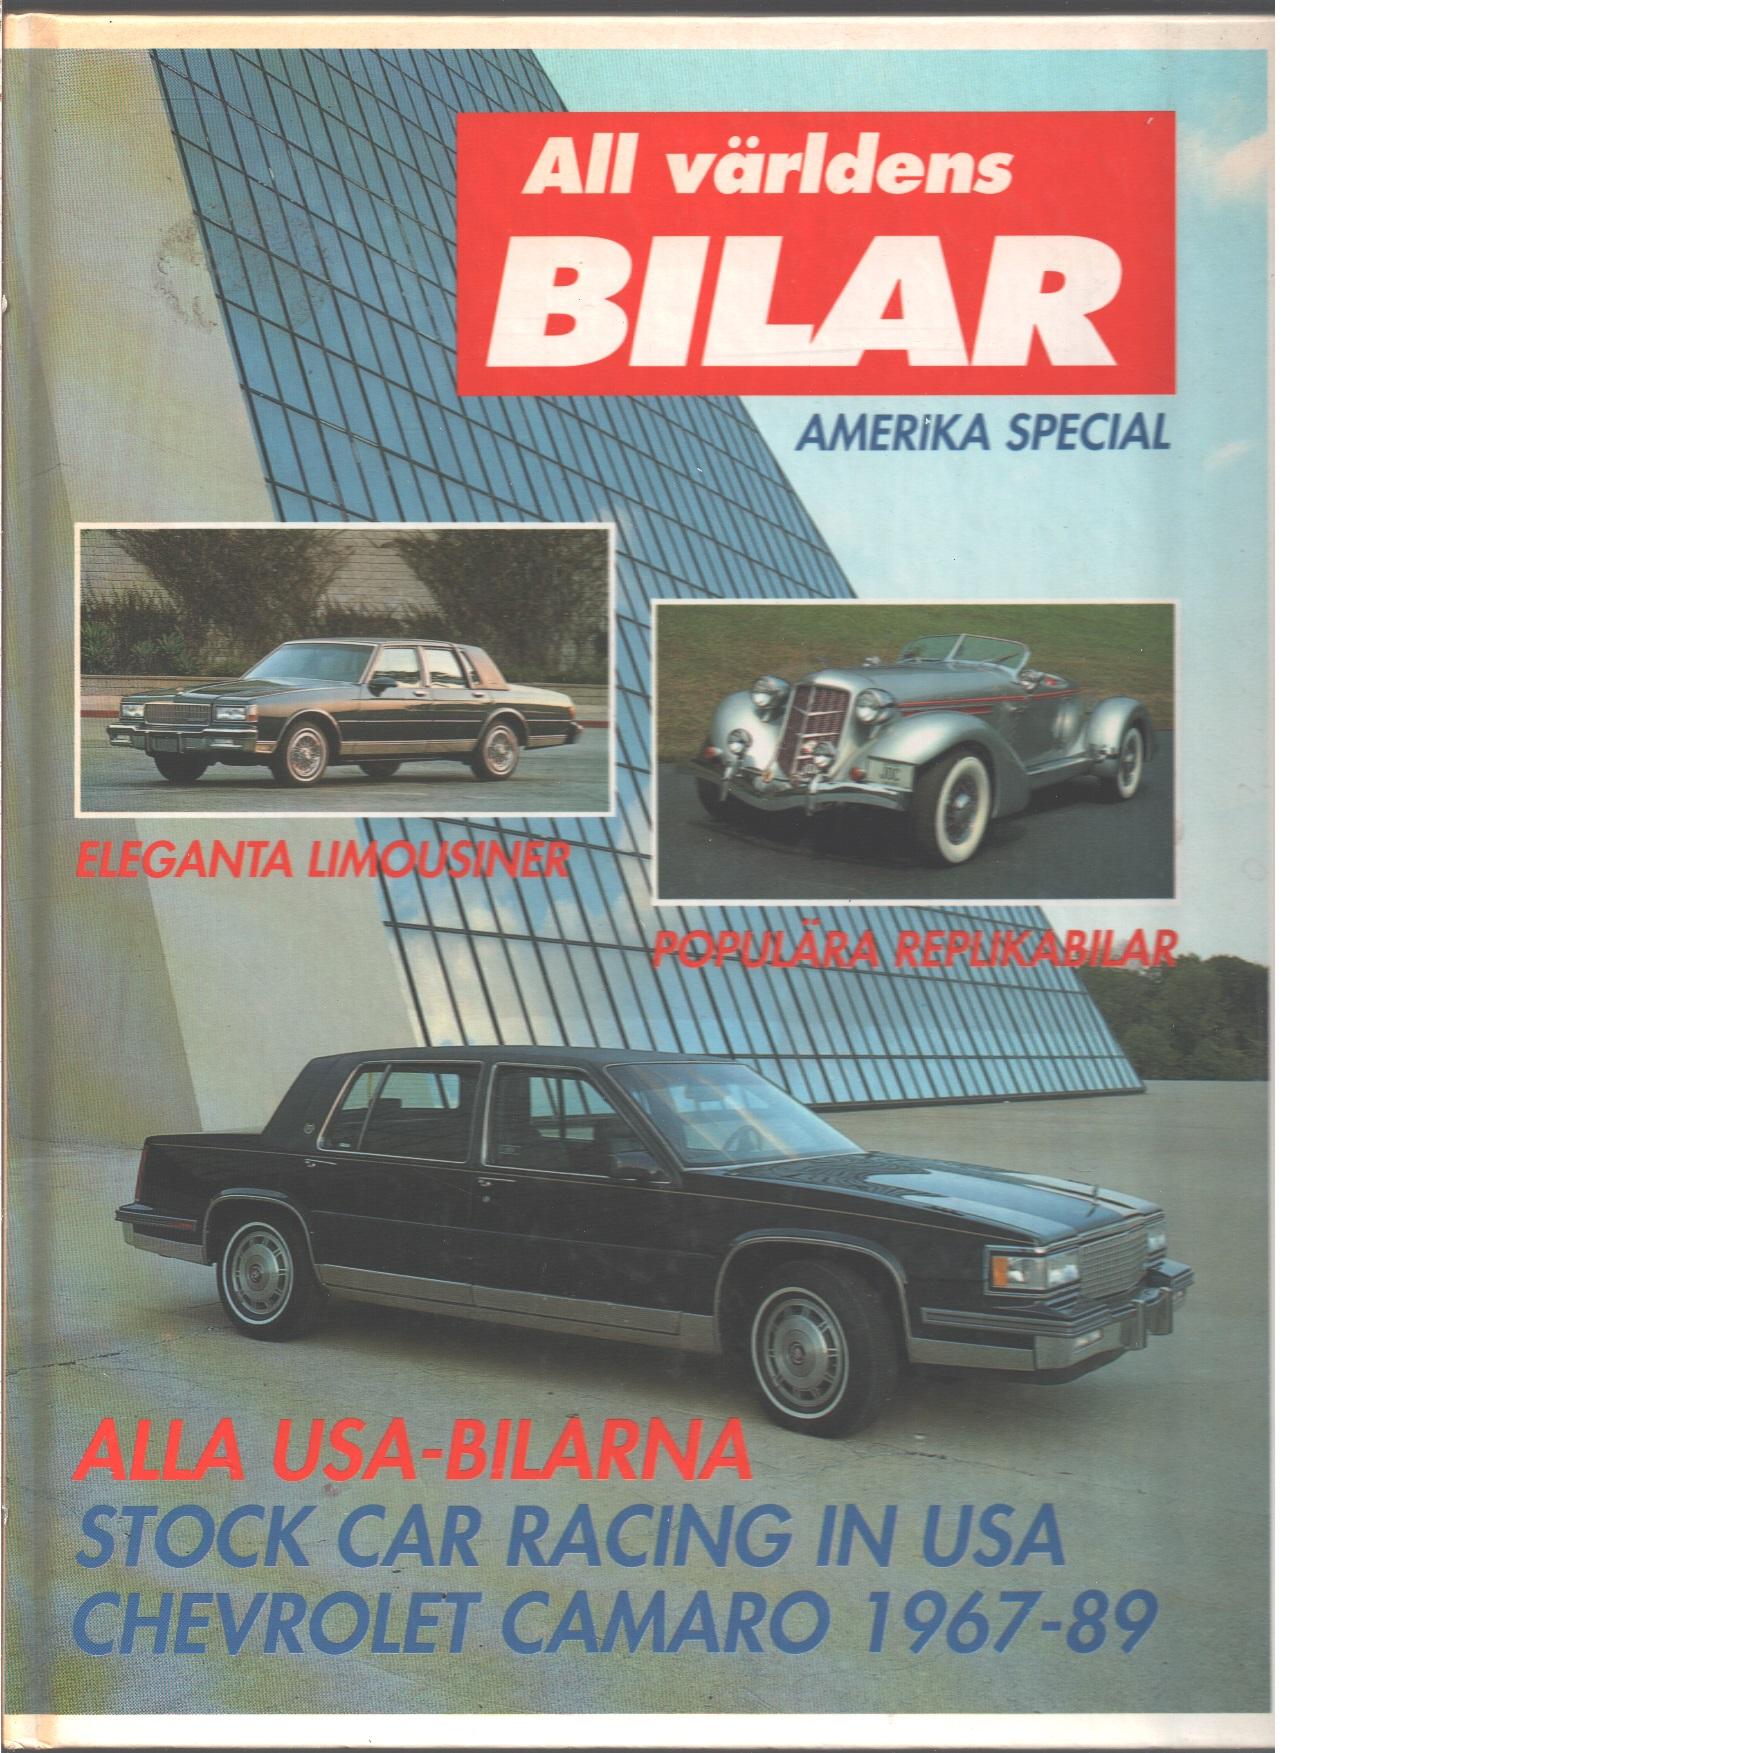 All världens bilar. [1989]. Amerika special .  - Red.